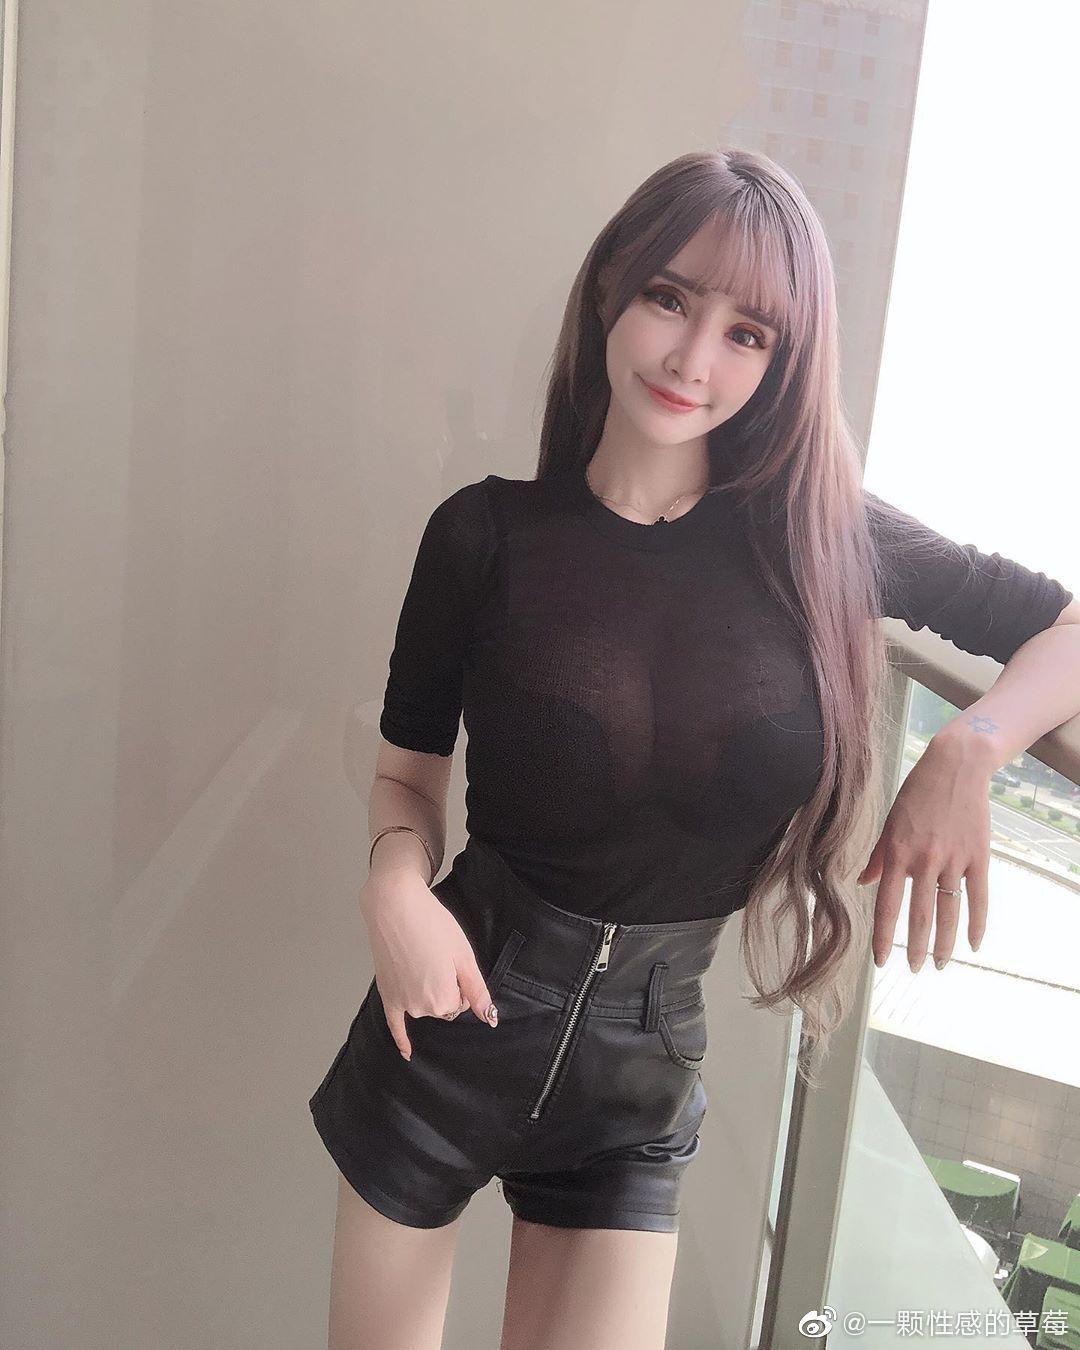 台湾嫩模IG网红妹元欣,拥有横看成岭侧成峰的傲人身材-第1张图片-宅小报